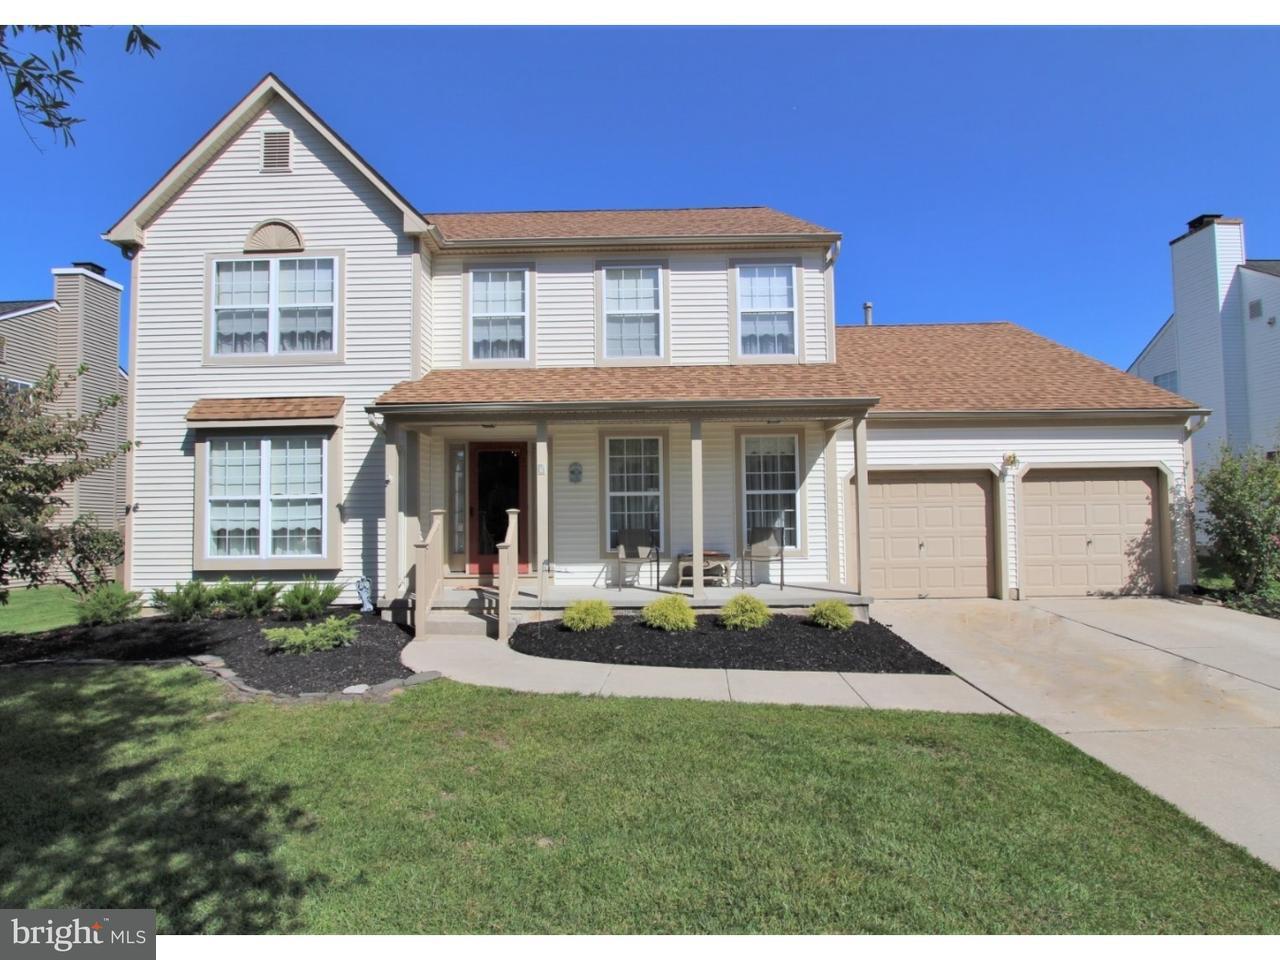 独户住宅 为 销售 在 5 DANA Road Evesham Twp, 新泽西州 08053 美国